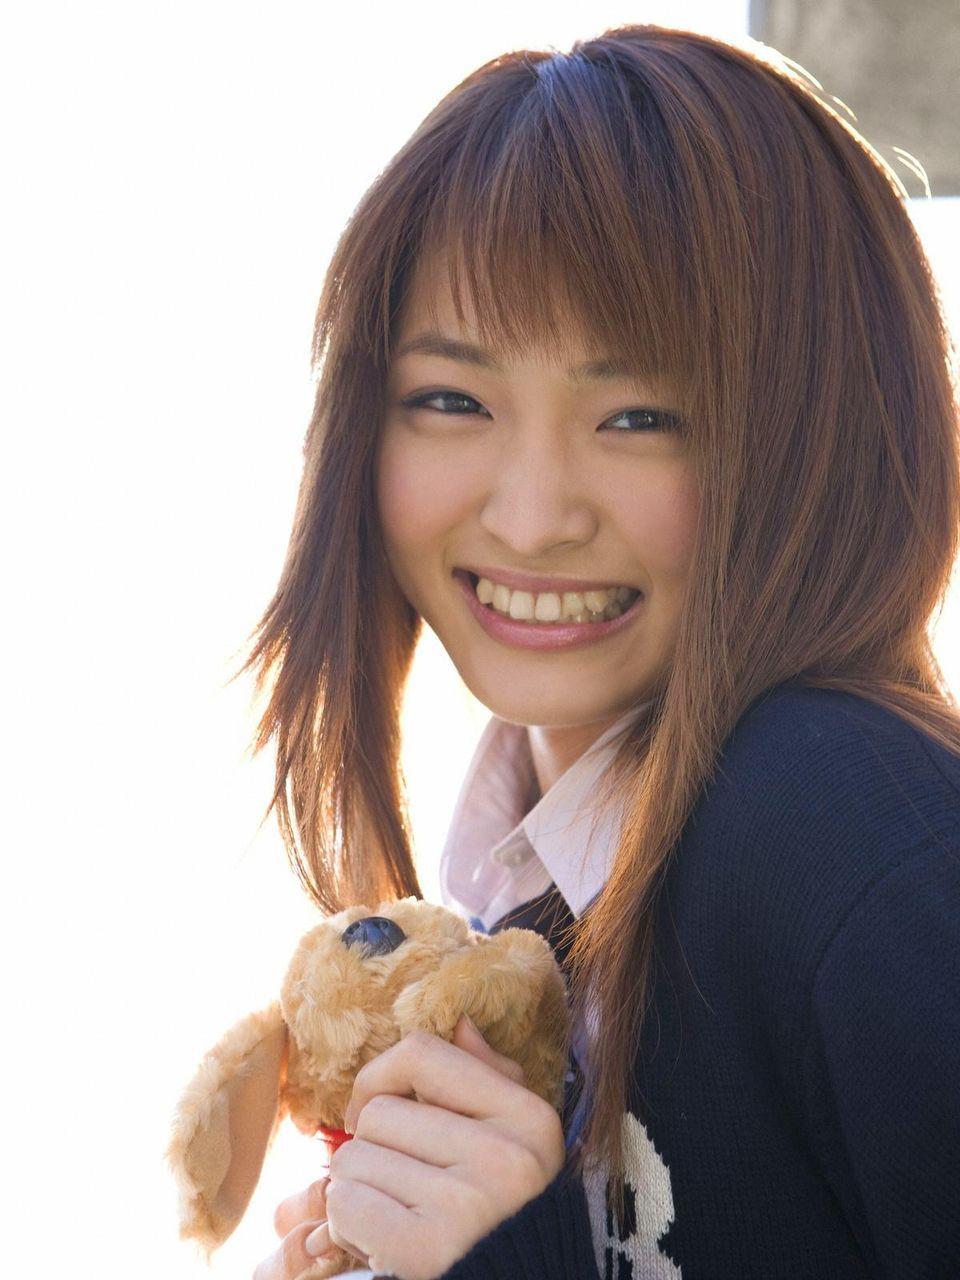 戸田菜穂さんの画像その45